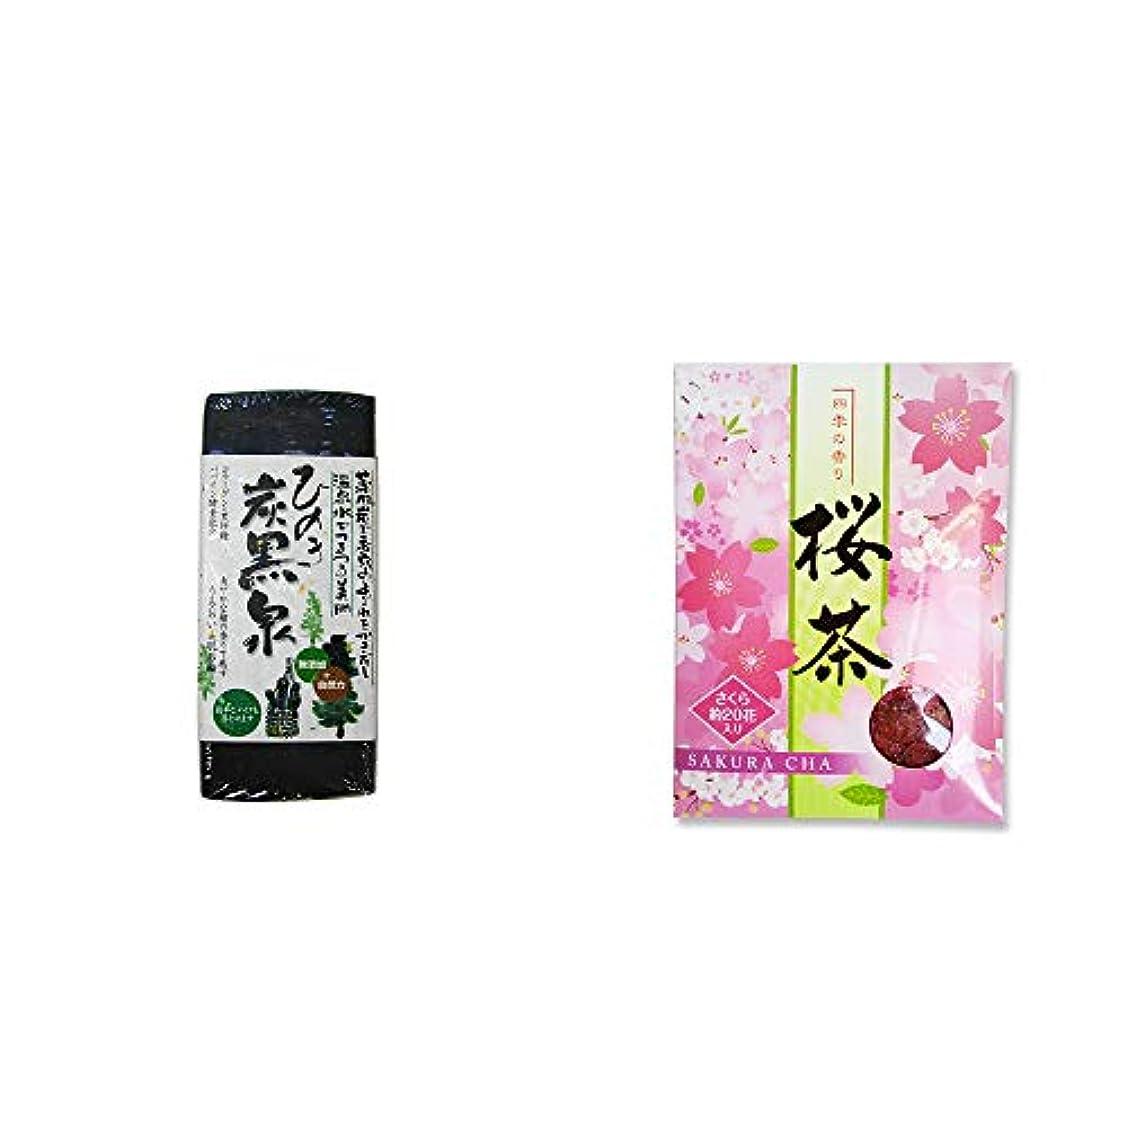 習慣誰の中止します[2点セット] ひのき炭黒泉(75g×2)・桜茶(40g)